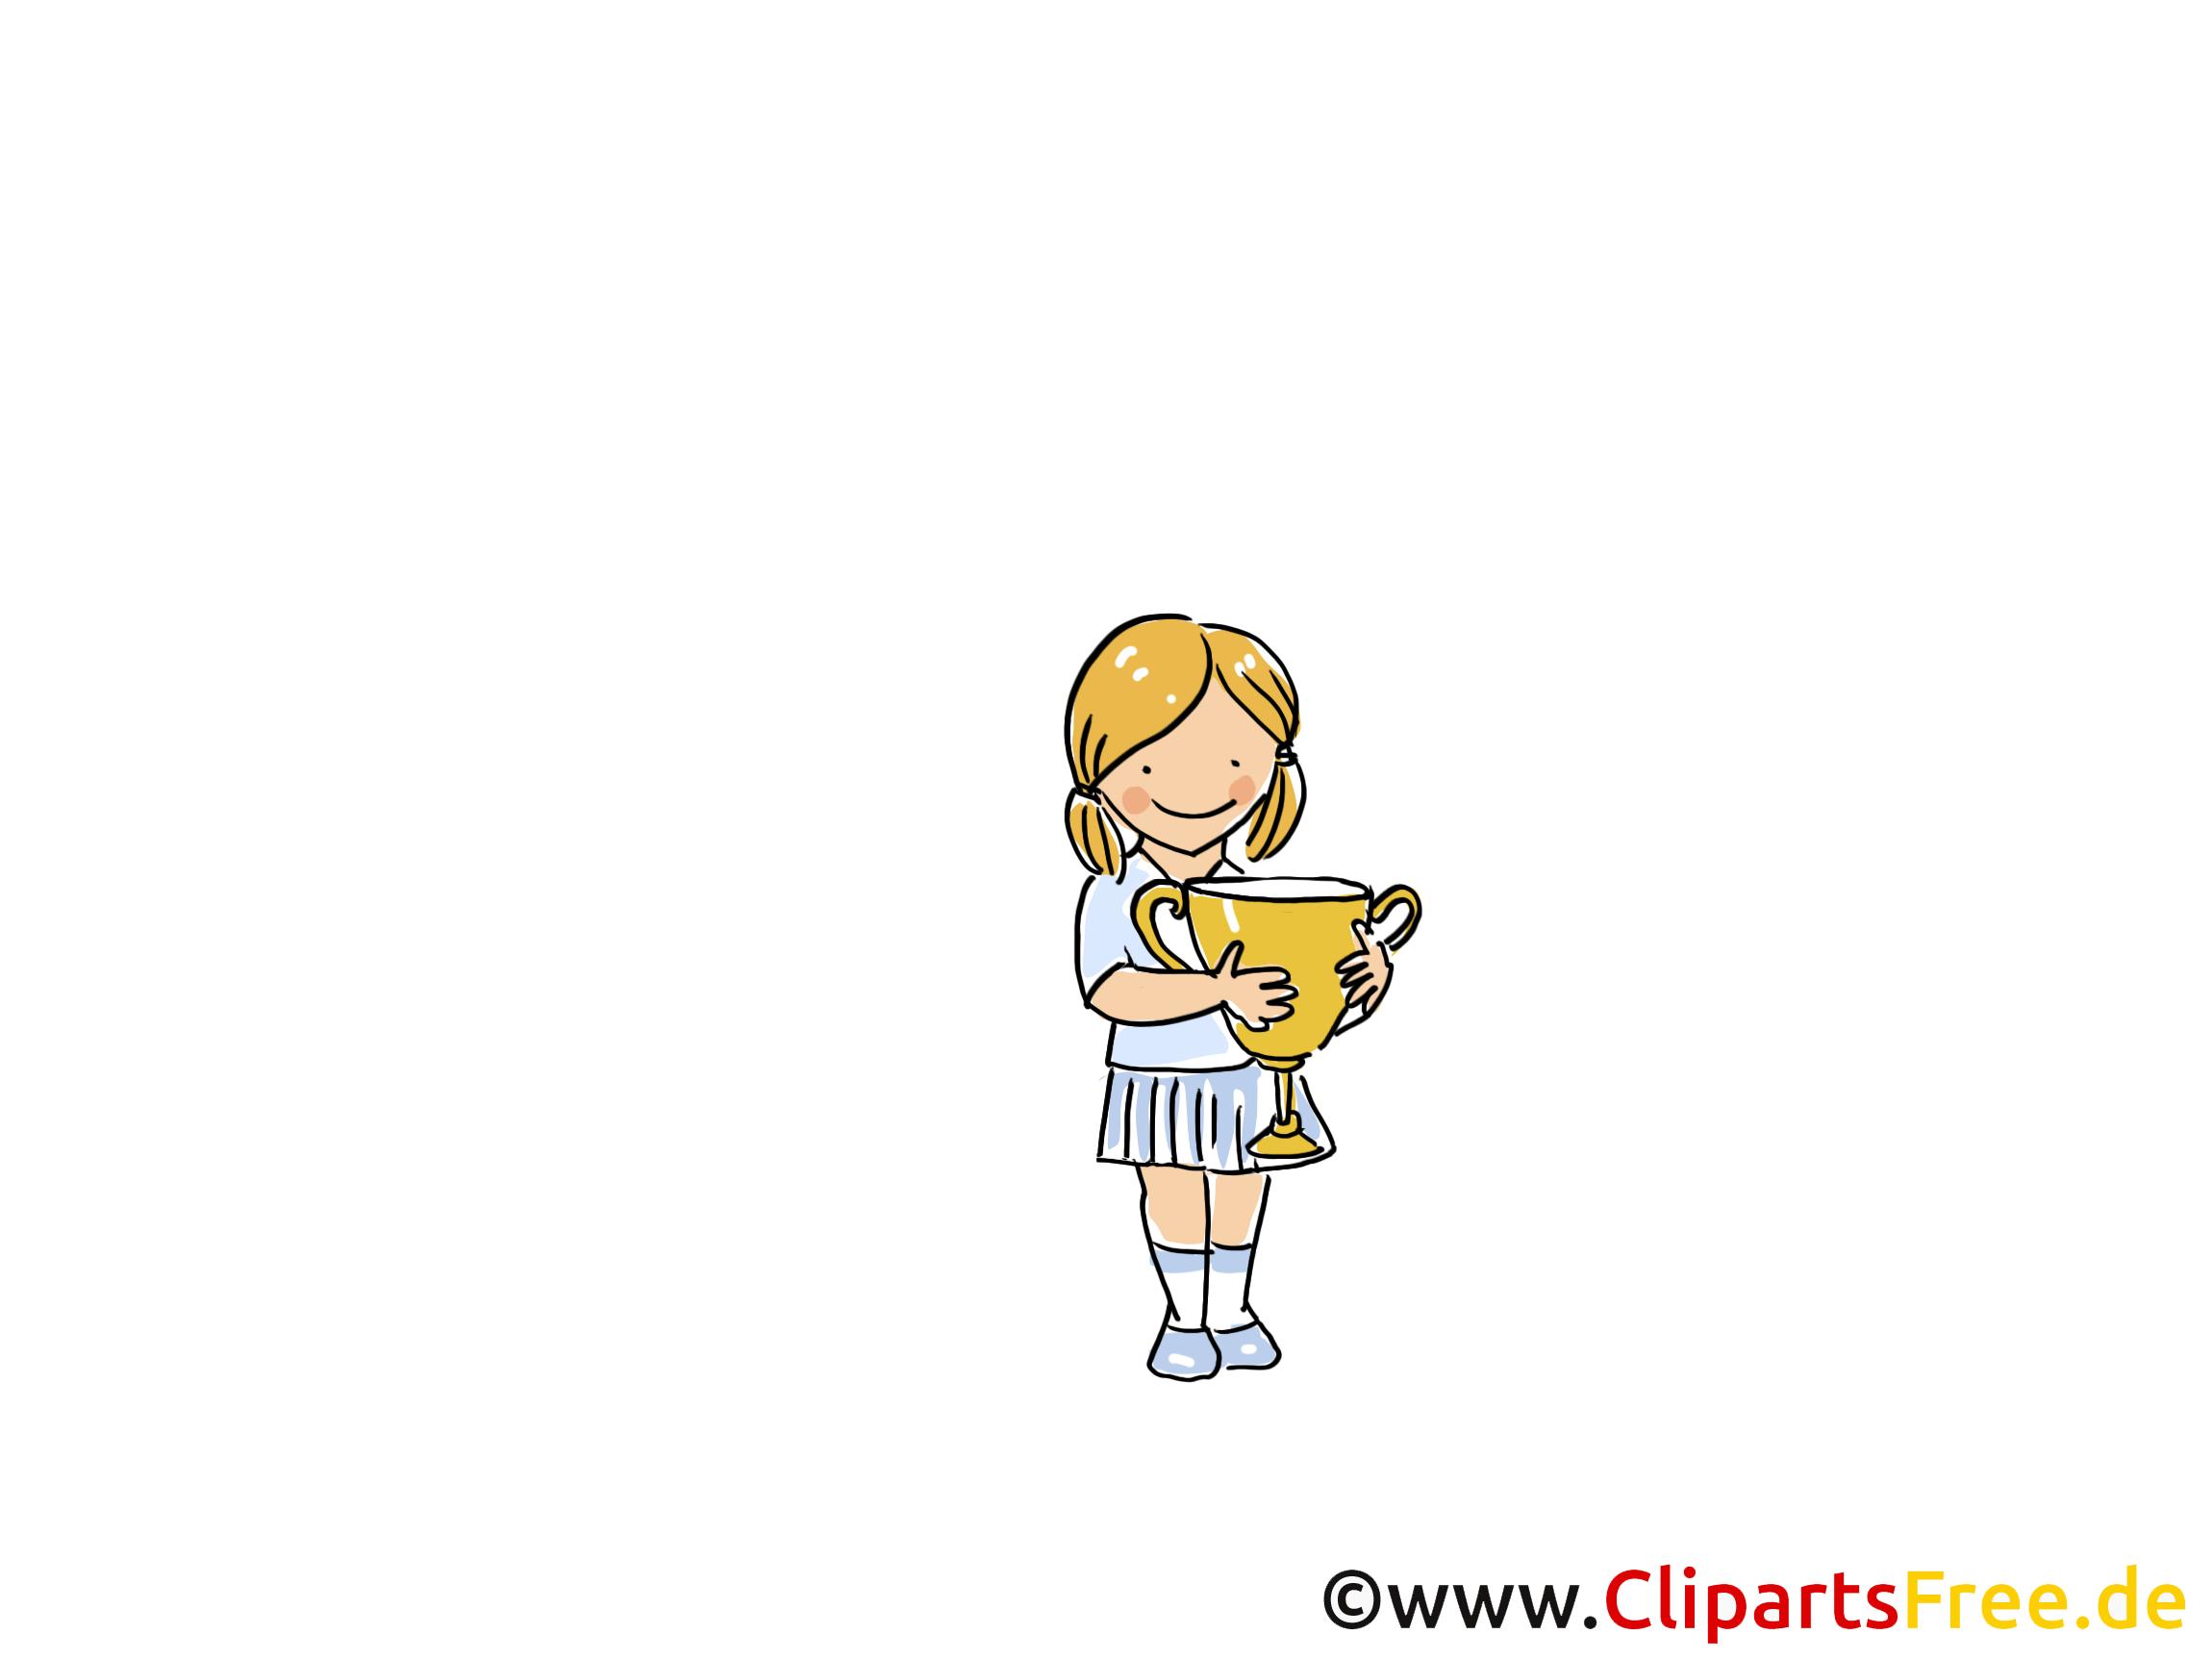 Coupe images - Gagnante dessins gratuits